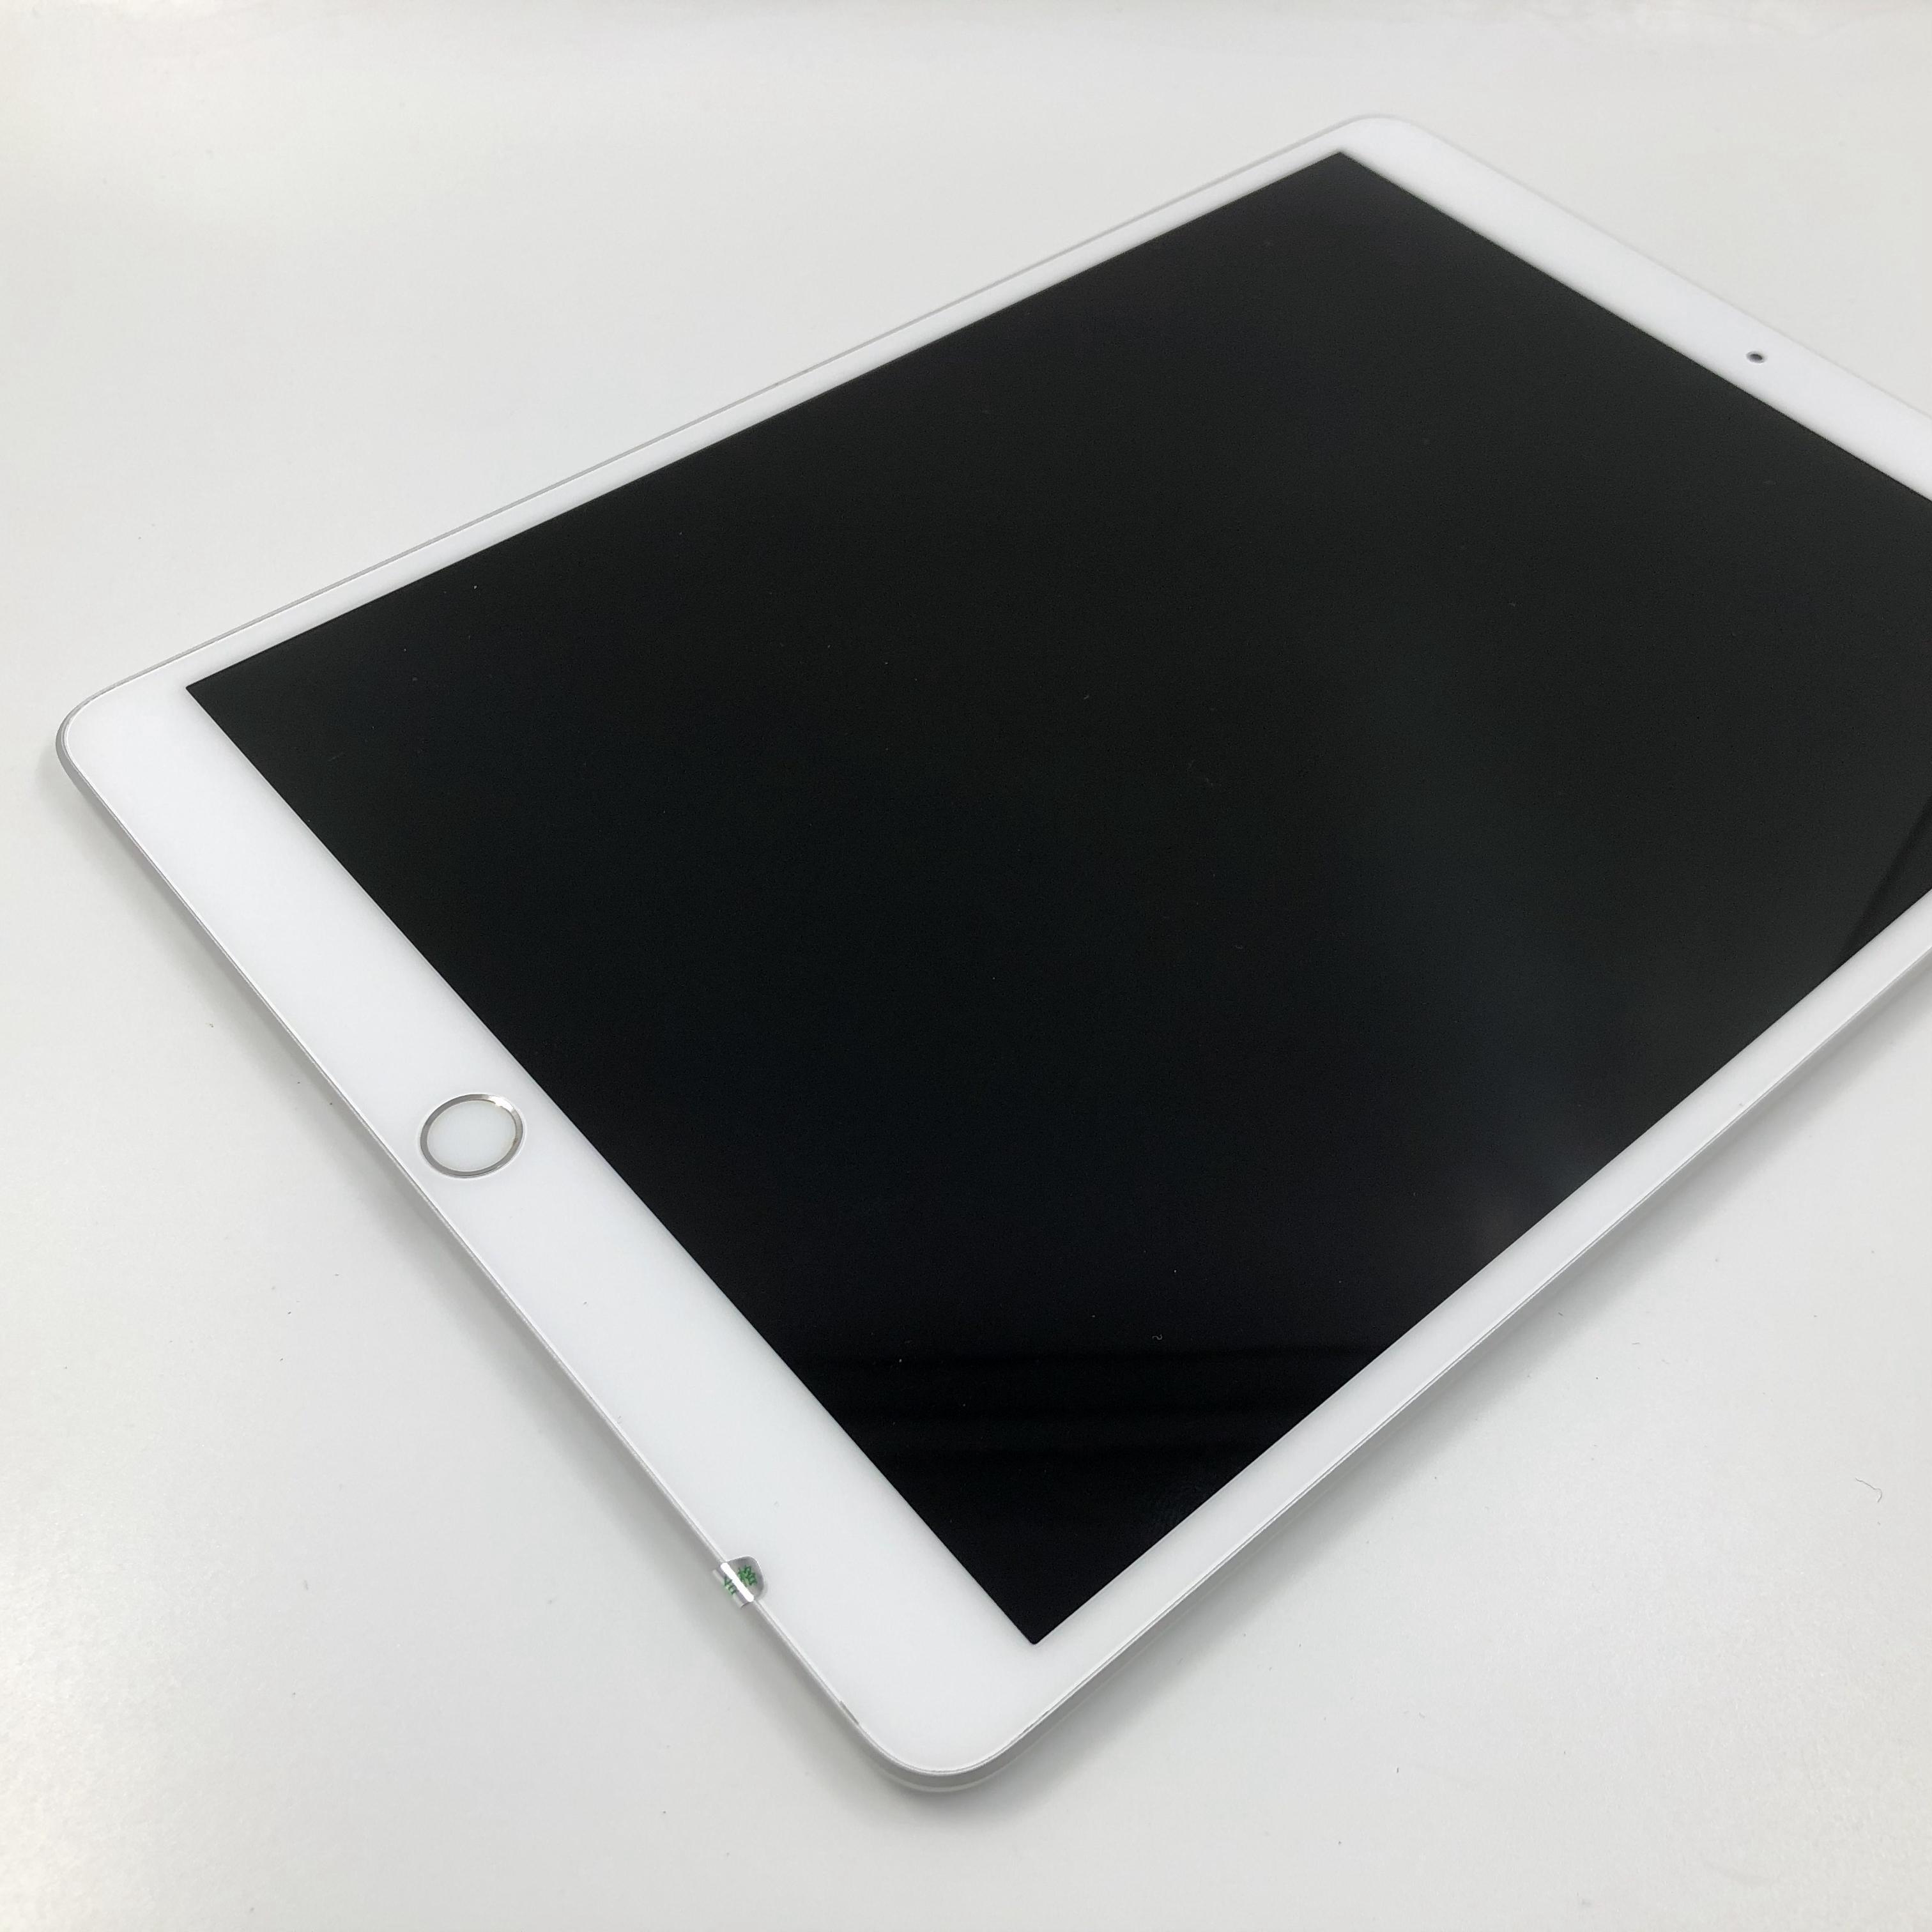 苹果【iPad Air3 10.5英寸 19款】WIFI版 银色 64G 国行 95新 真机实拍